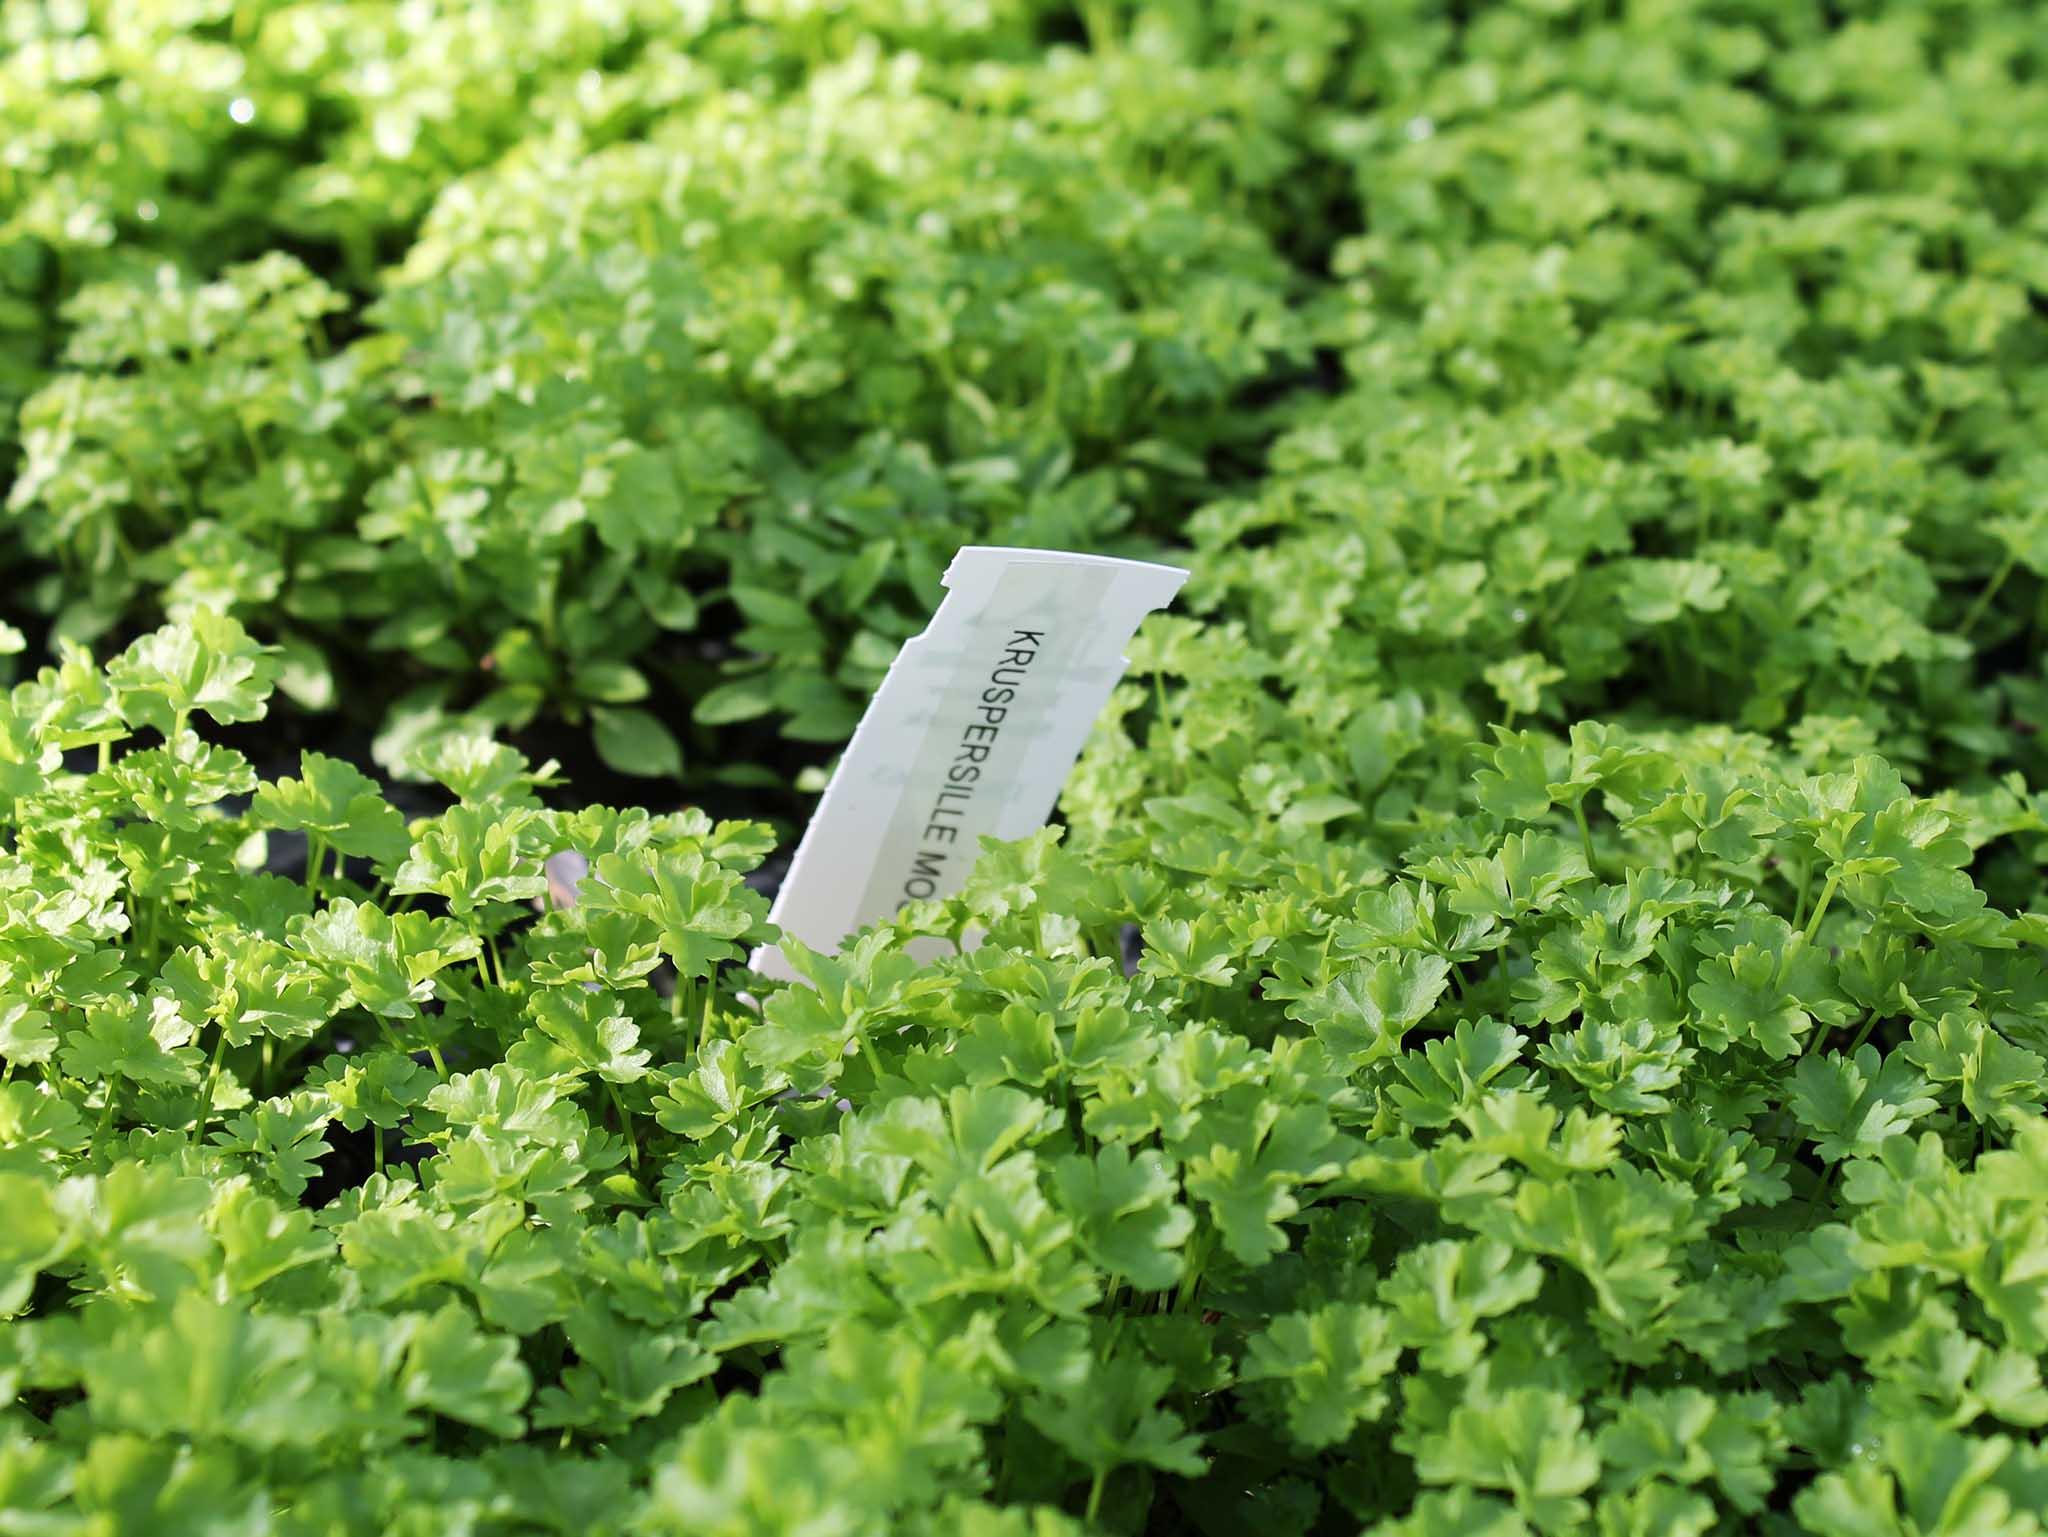 Egeskov Plantesalg